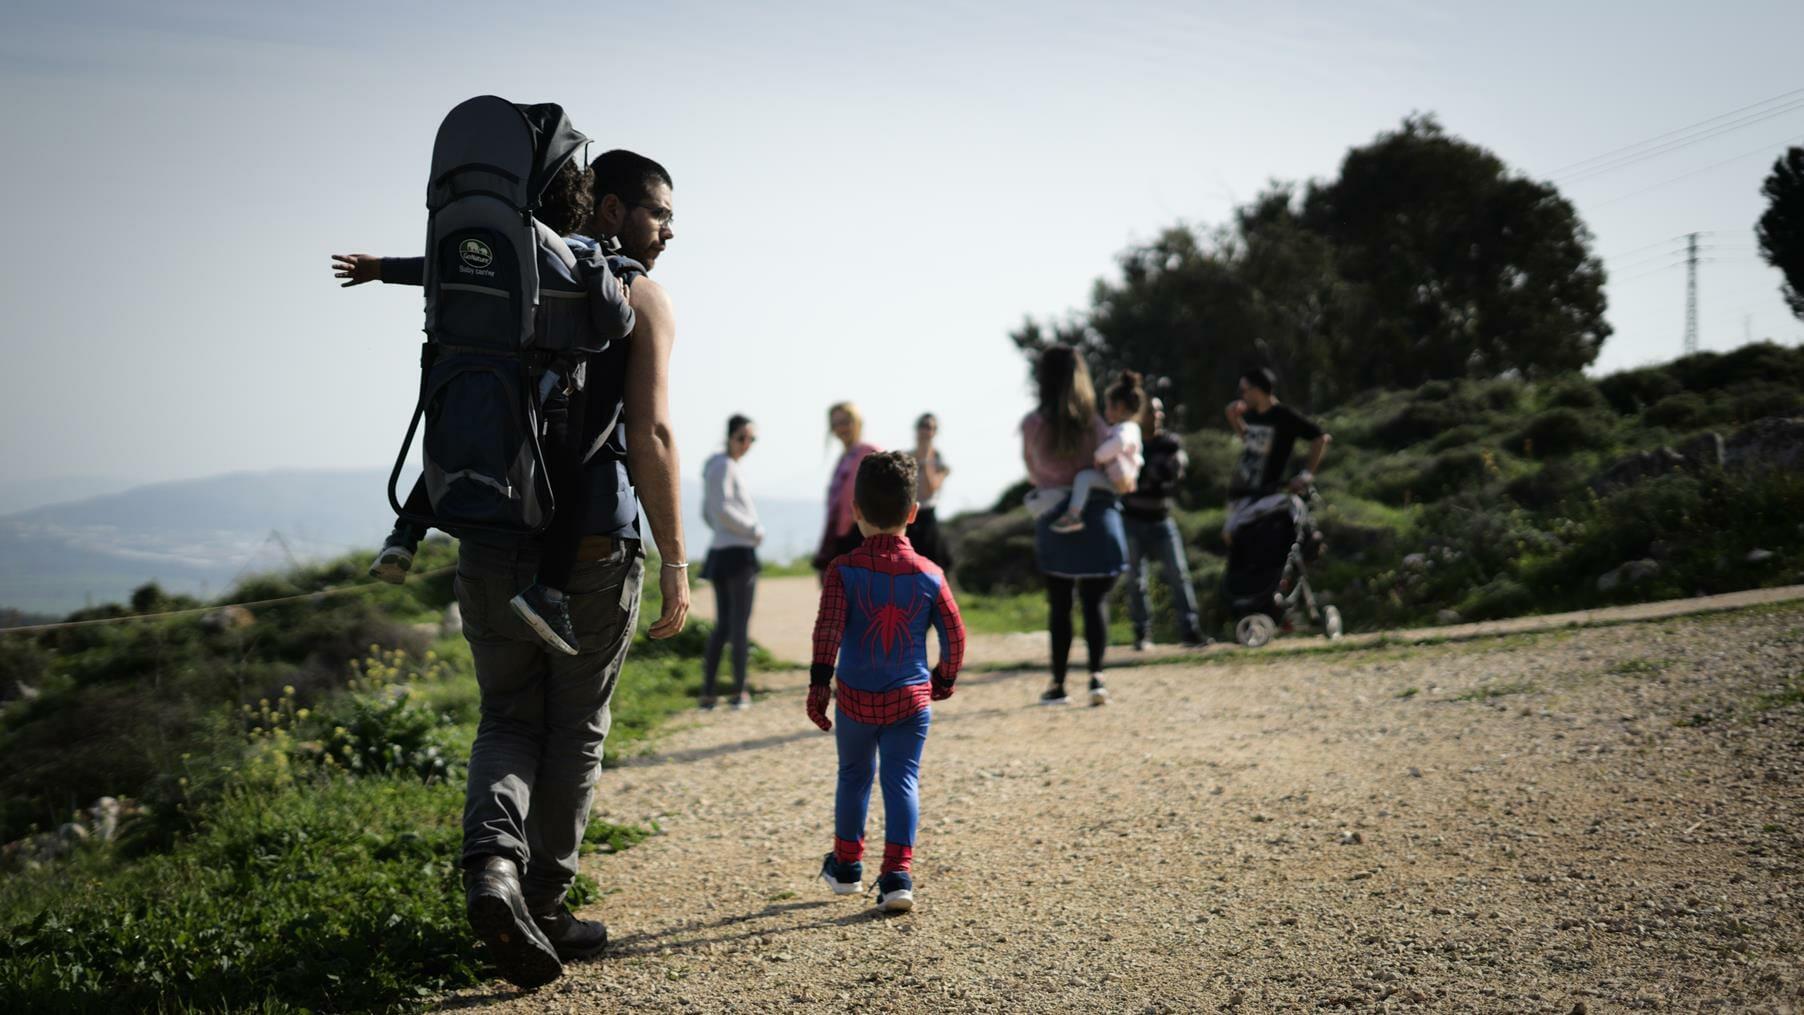 טיול בשביל ישראל בשמורת האיריס הנצרתי בהר יונה נצרת, צילום: יוסי אביטל